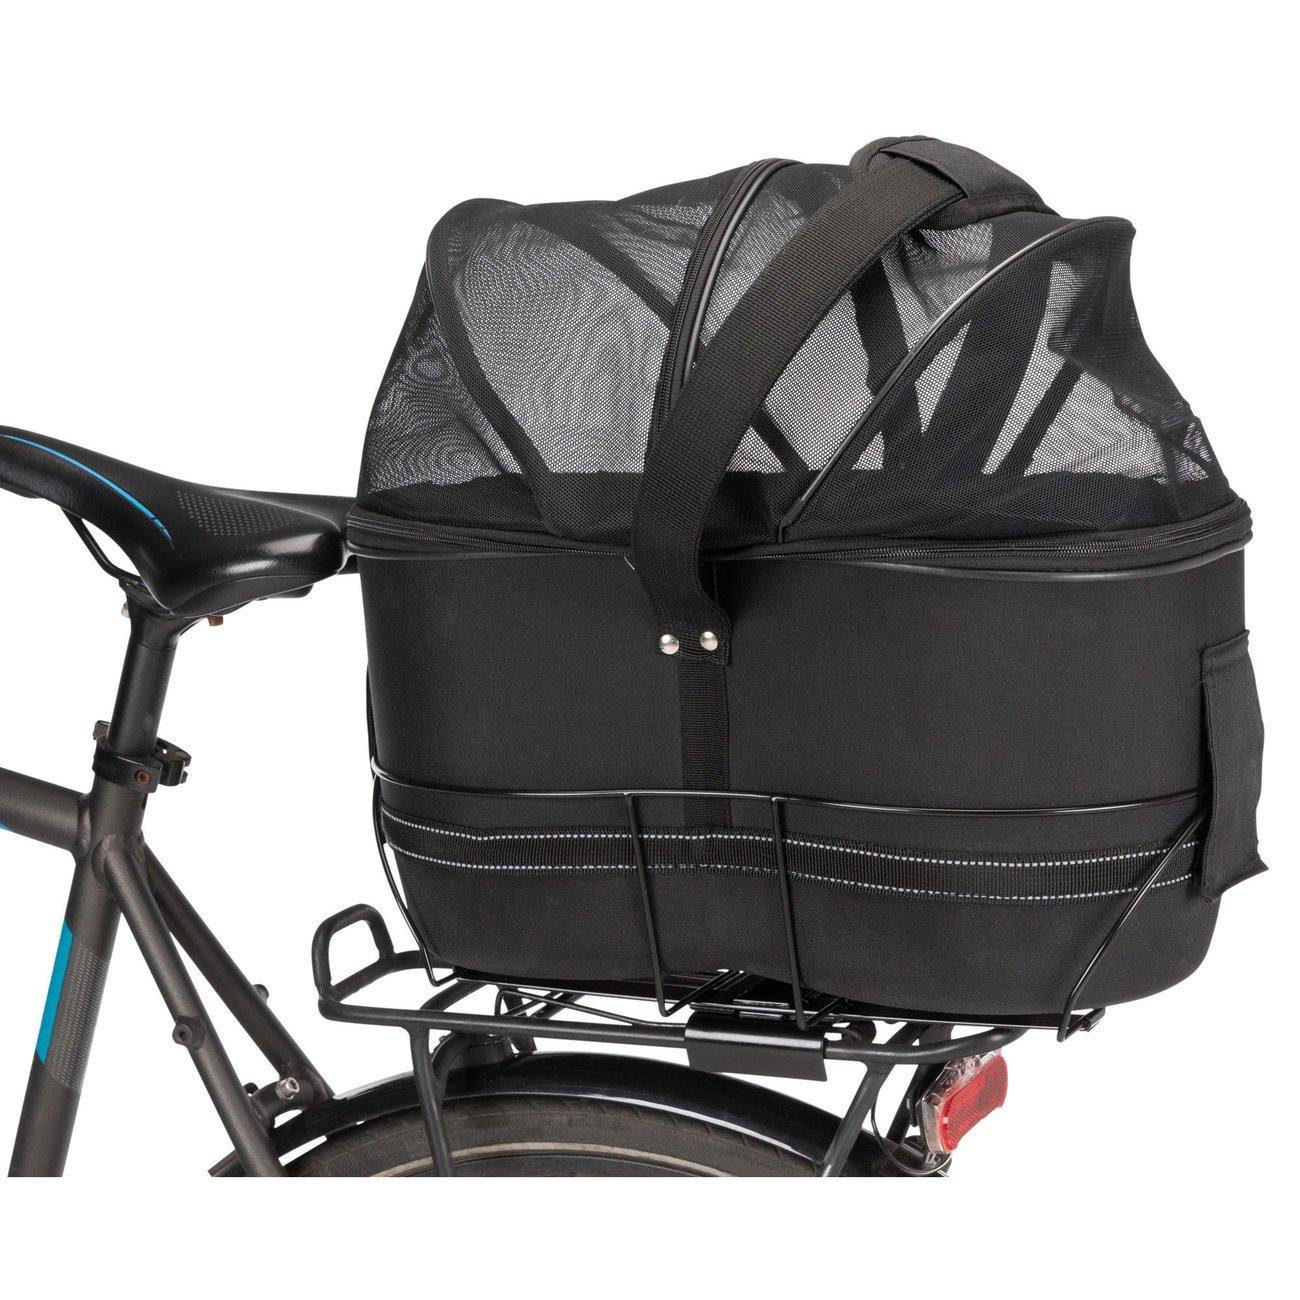 TRIXIE Hunde-Fahrradkorb für schmale Gepäckträger 13111, Bild 7